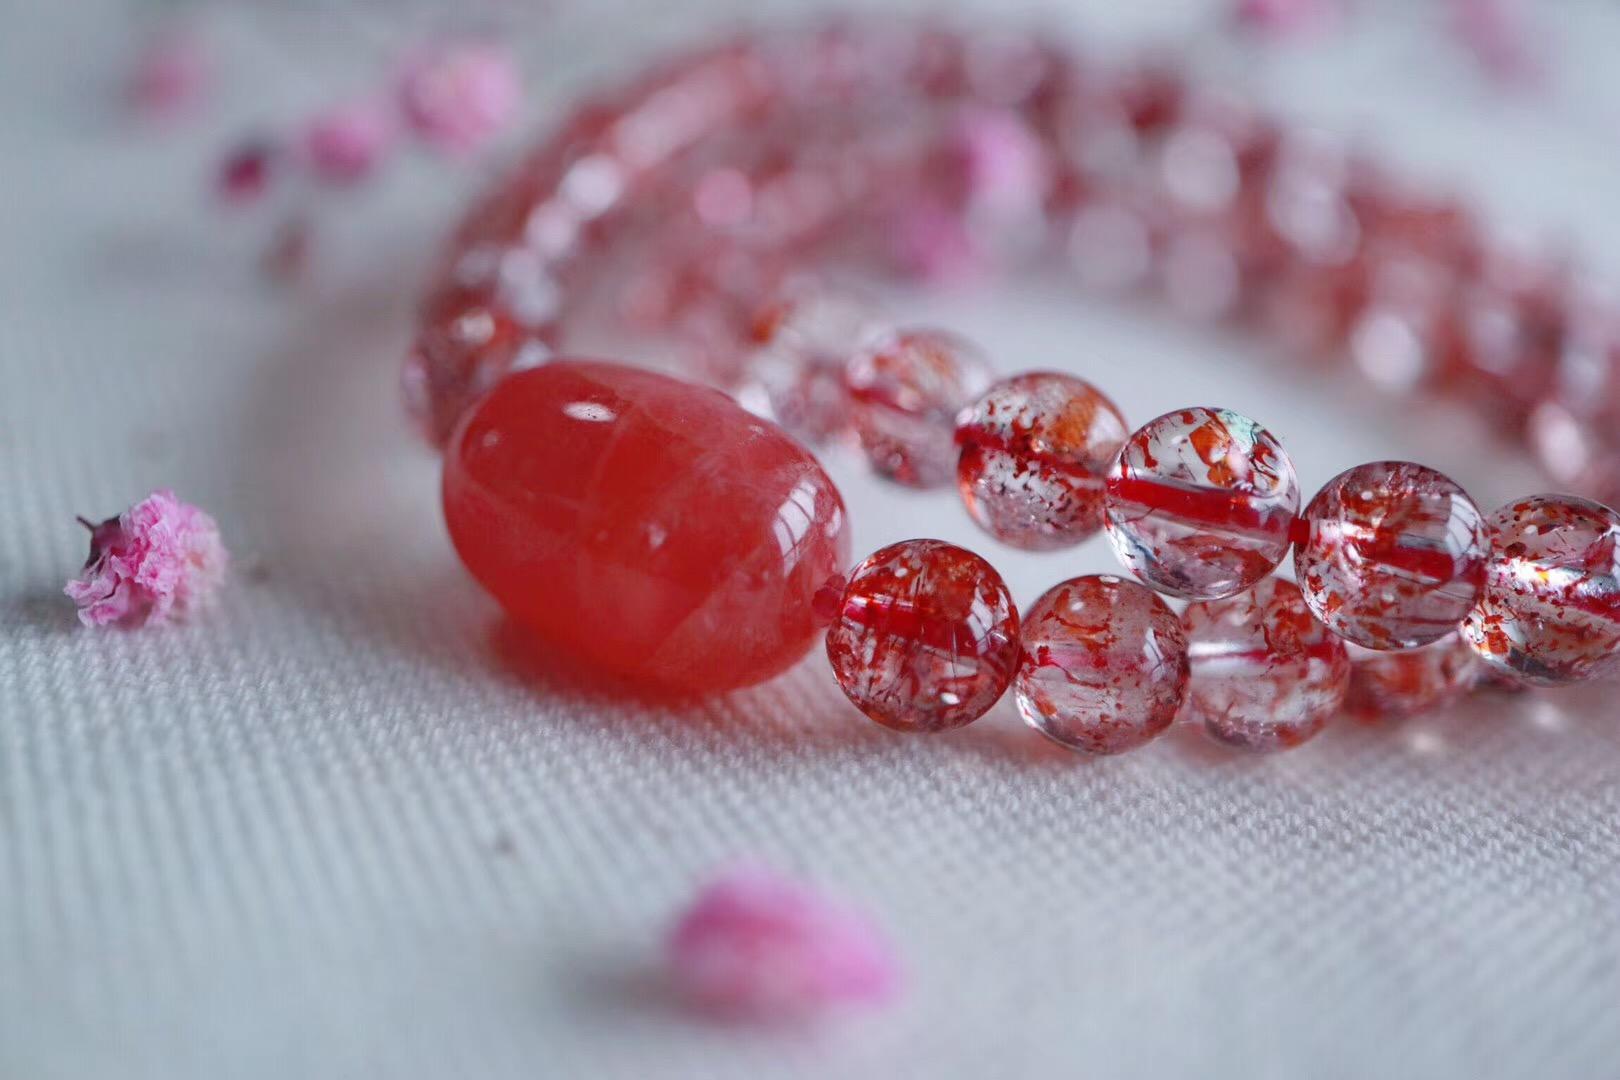 【菩心 | 金草莓晶】能量强大且极具灵气,对身心灵频率的提升很有帮助-菩心晶舍